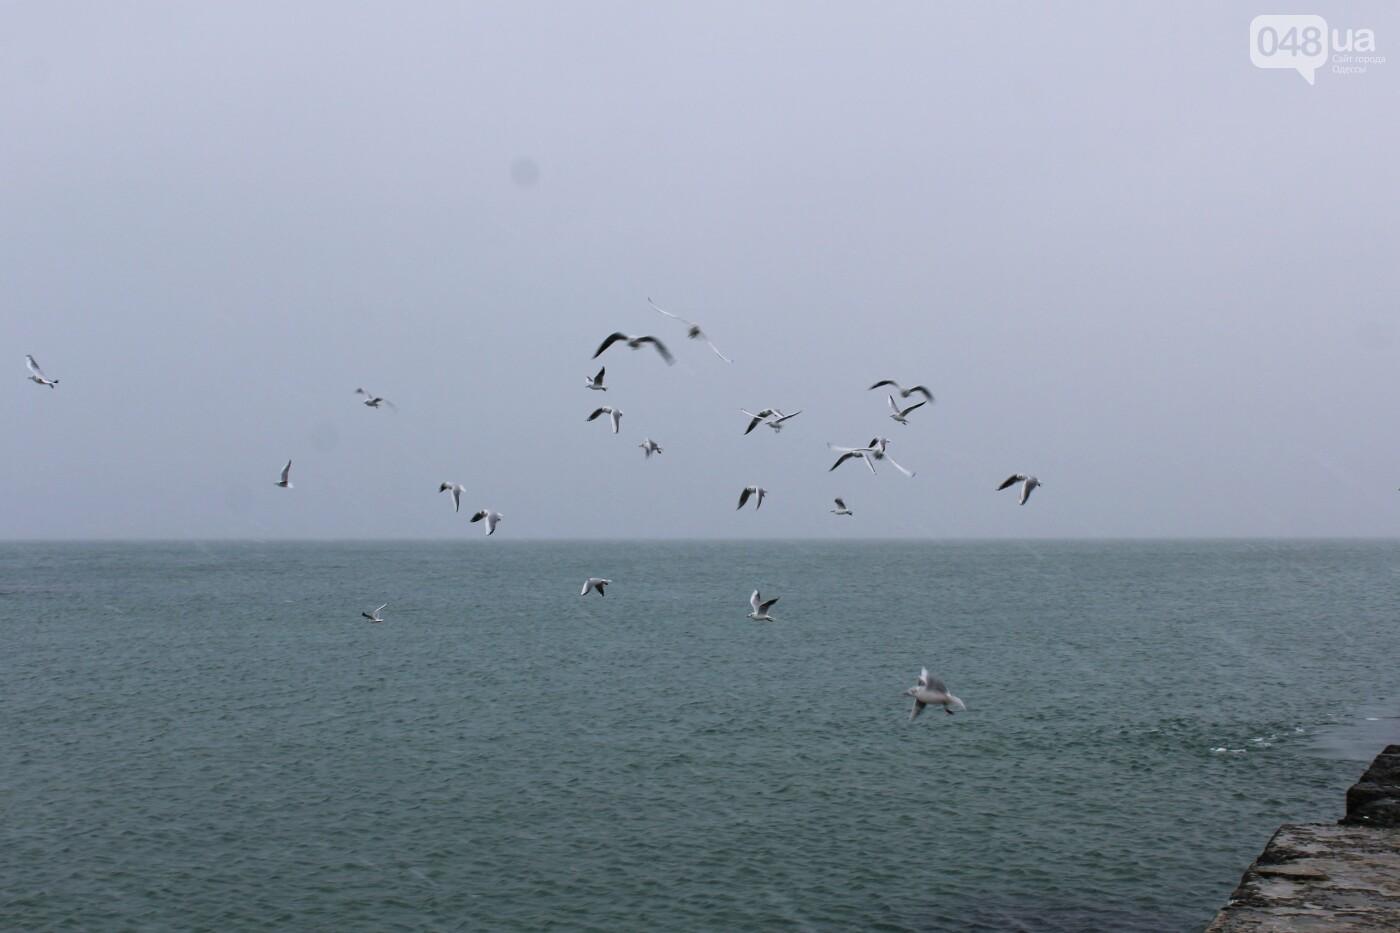 В Одессе побережье засыпало снегом: утки, котики и море, - ФОТОРЕПОРТАЖ, фото-12